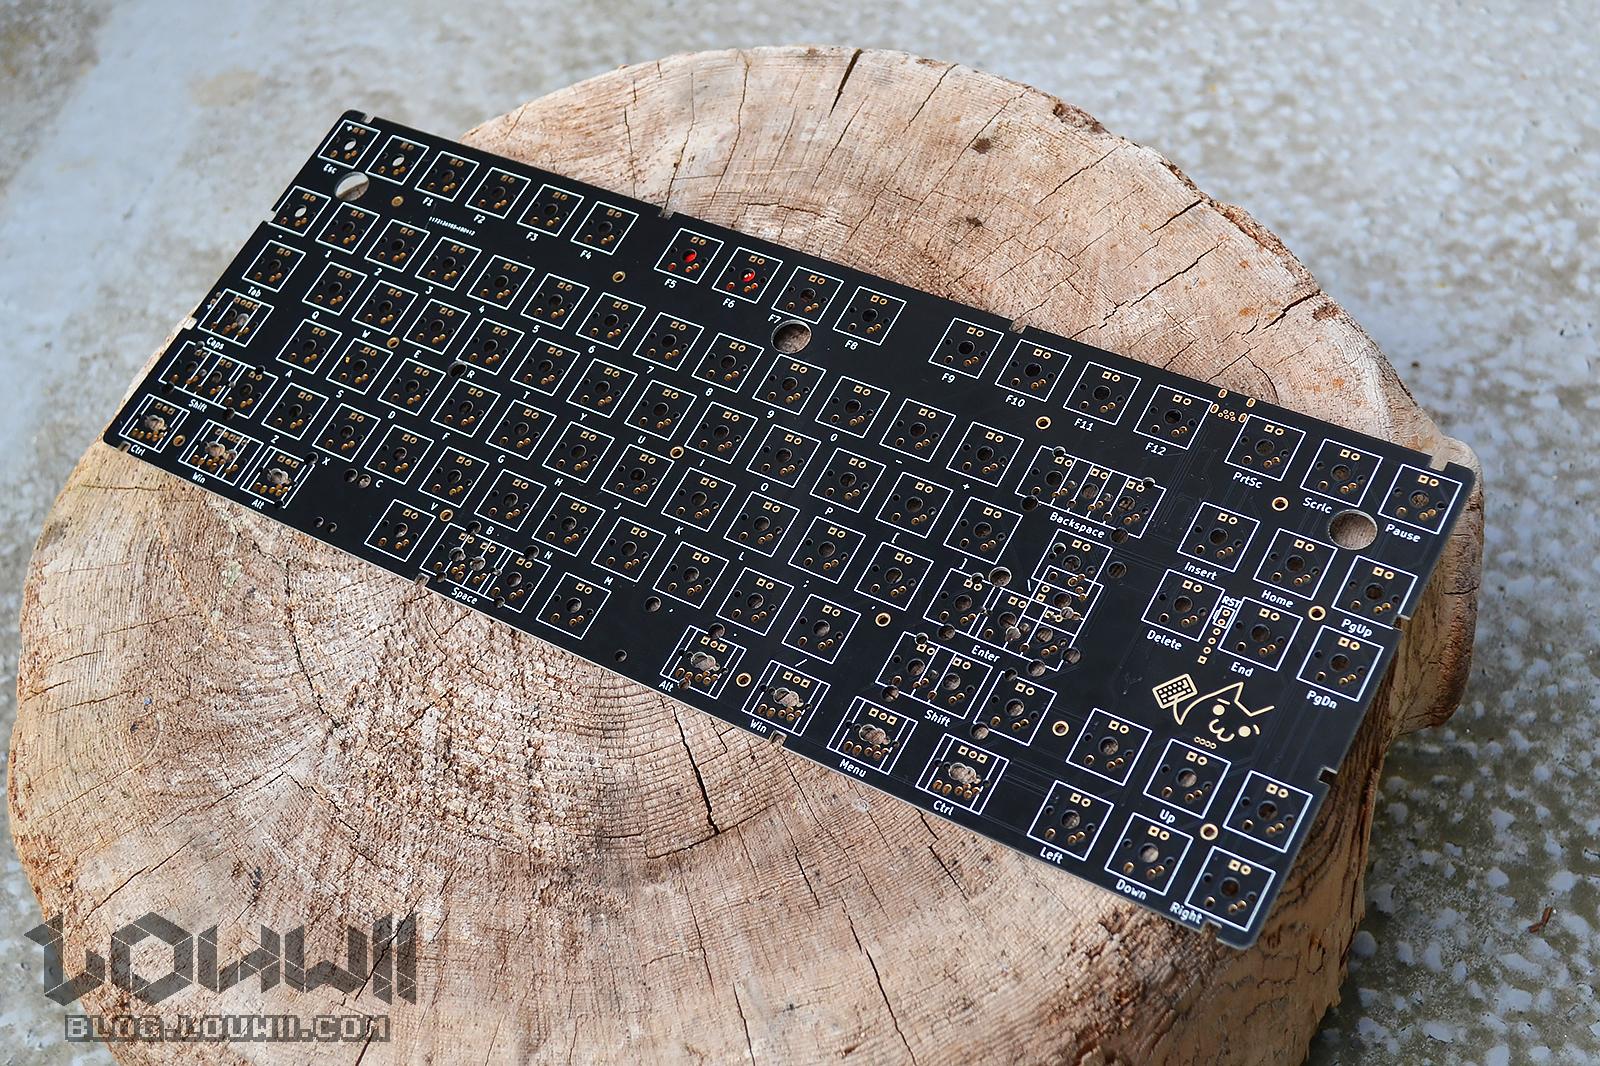 XD87 TKL keyboard kit – Kit content – LouWii's Blog